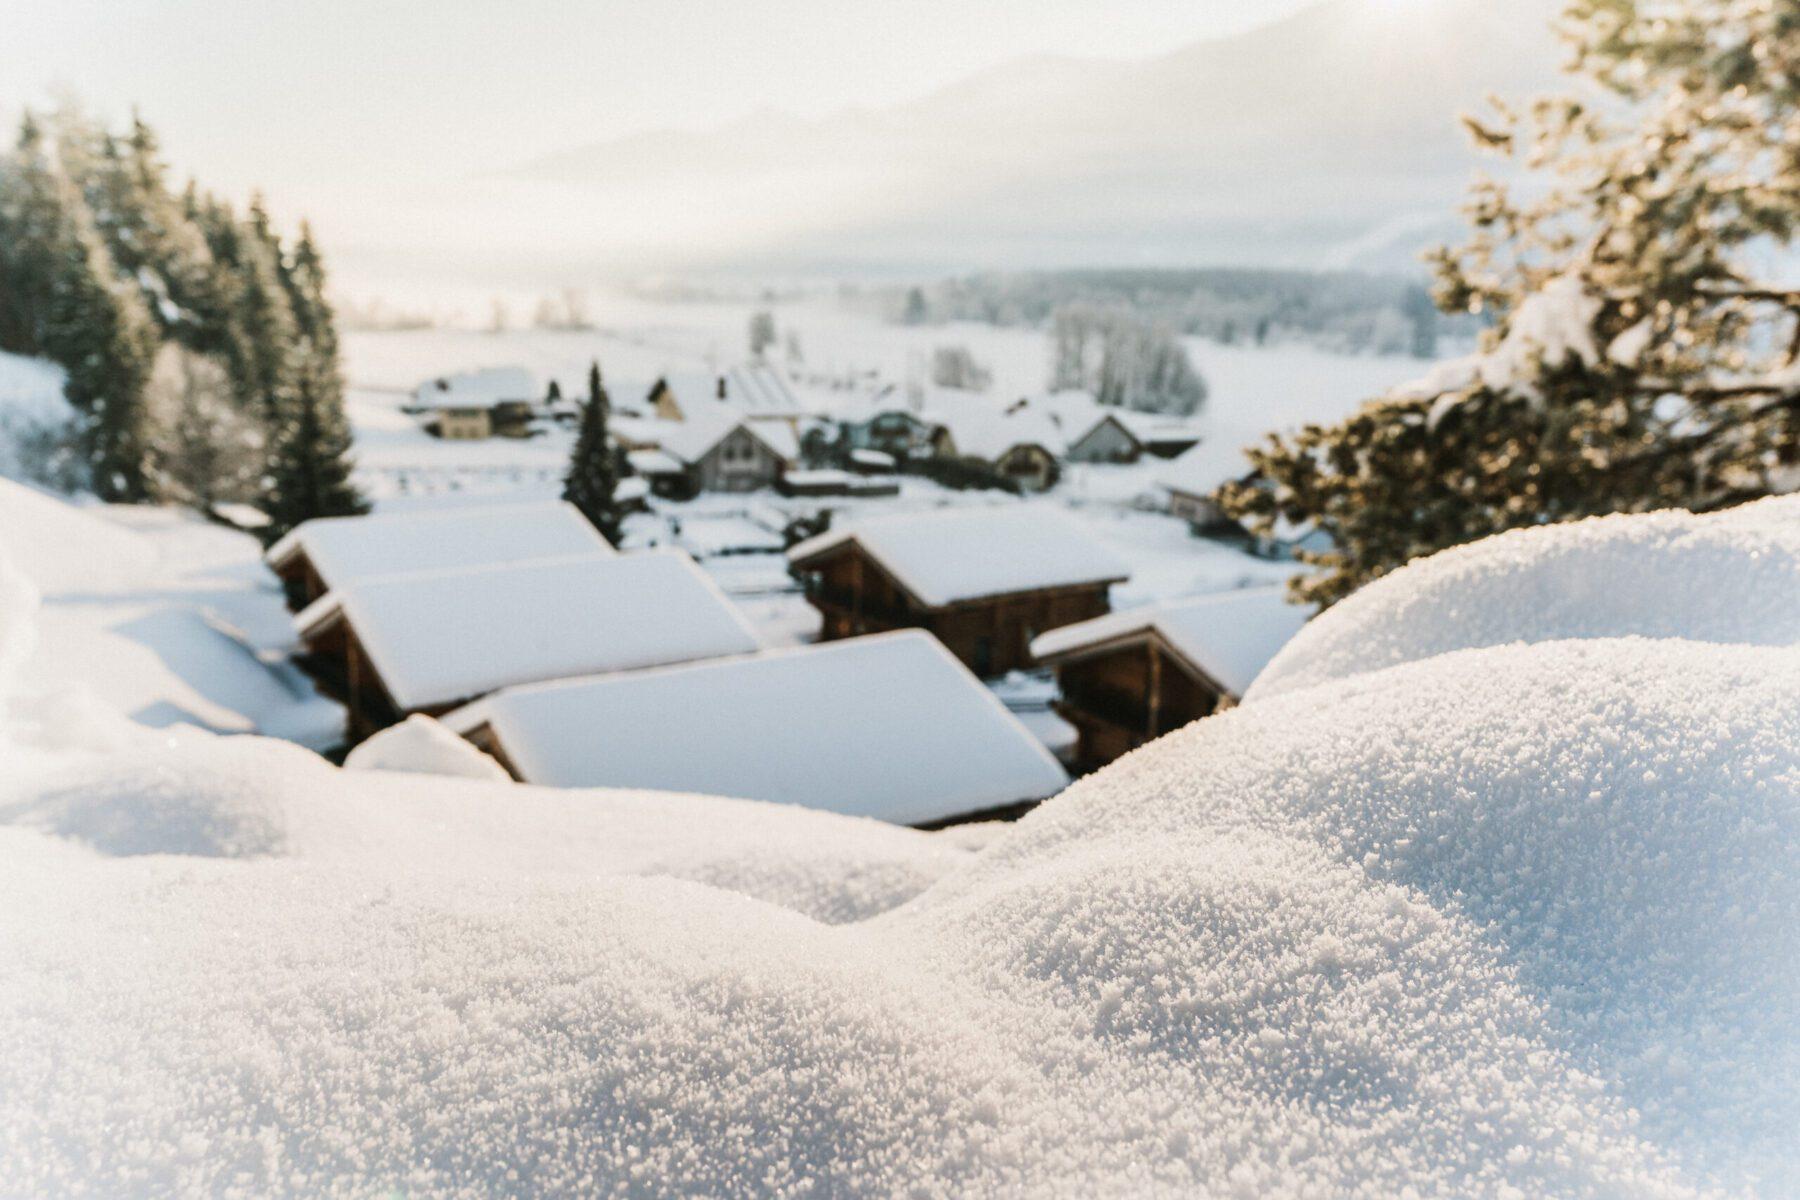 uitzicht over chalets in een dal die onder een ik pak sneeuw zitten